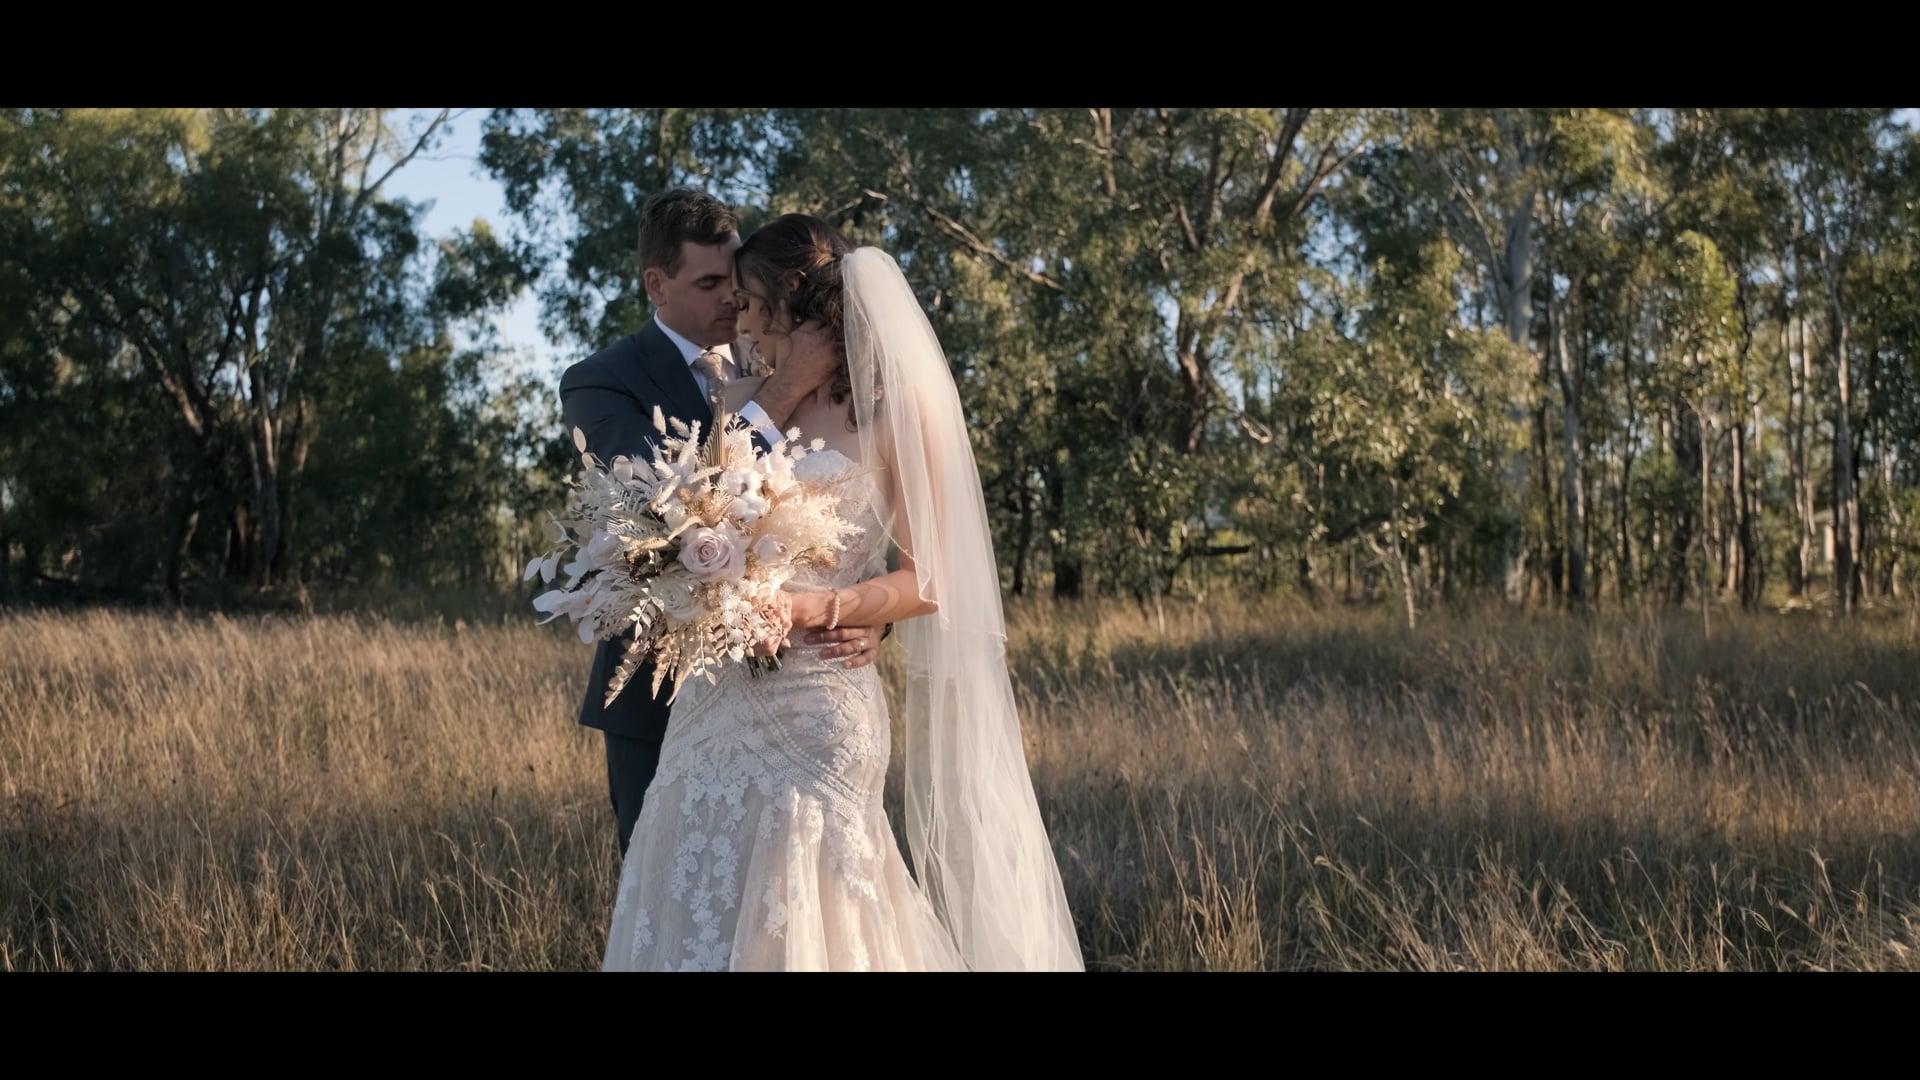 Gerard & Shaye - Wedding Film 4K